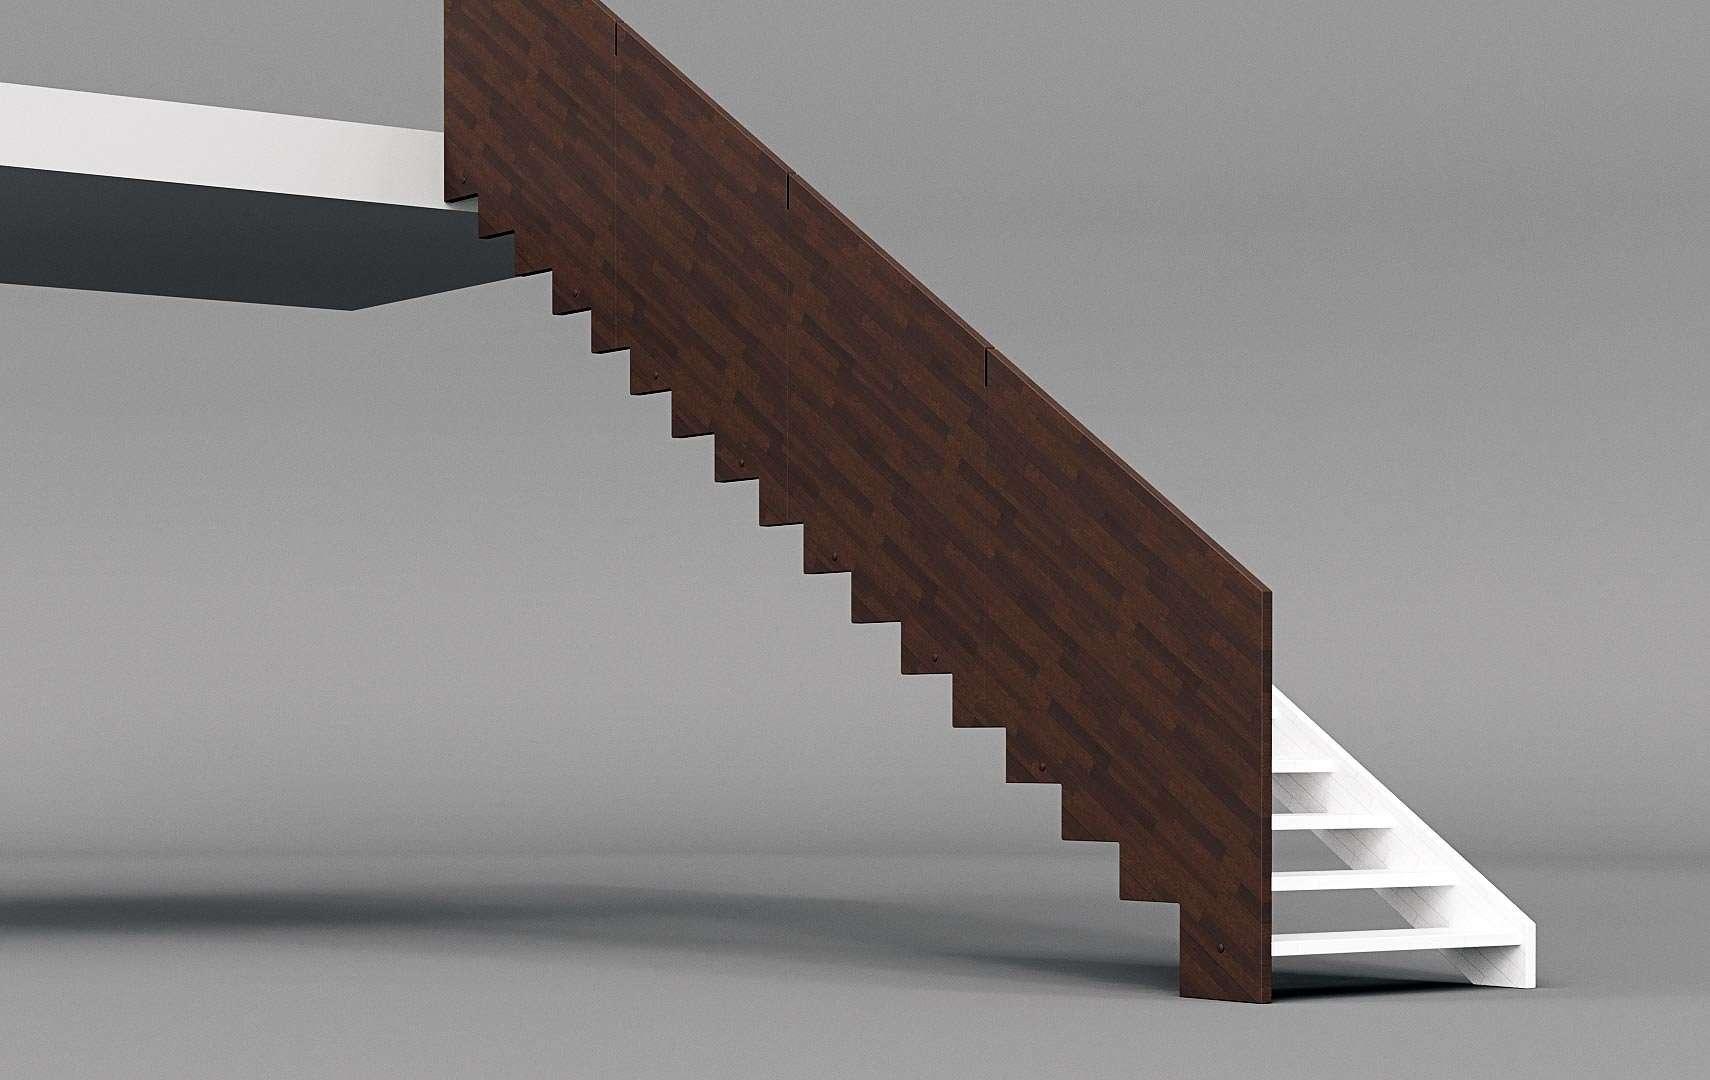 escalier bergamo problmes lis au projet duescaliers ou garde corps soit pour les exigences ou. Black Bedroom Furniture Sets. Home Design Ideas